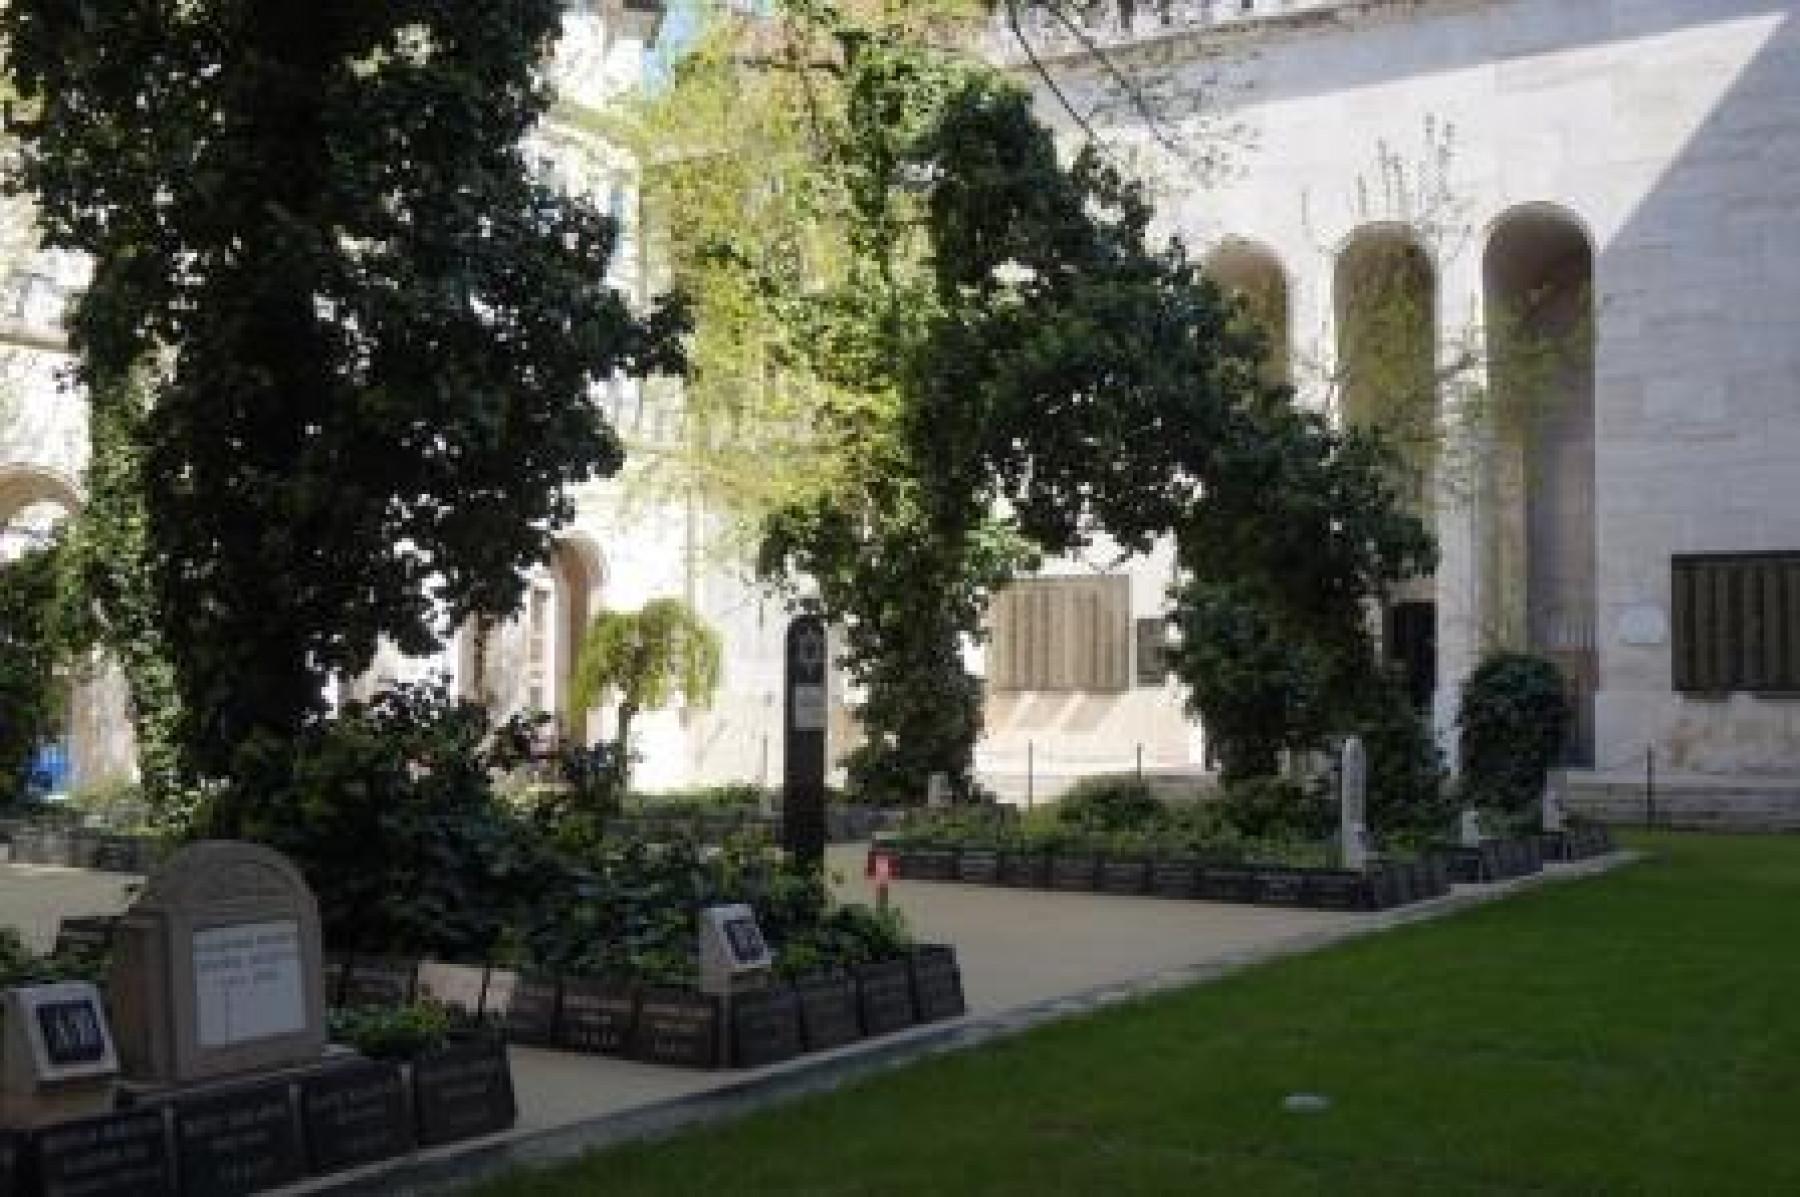 Temetőkert az udvarban